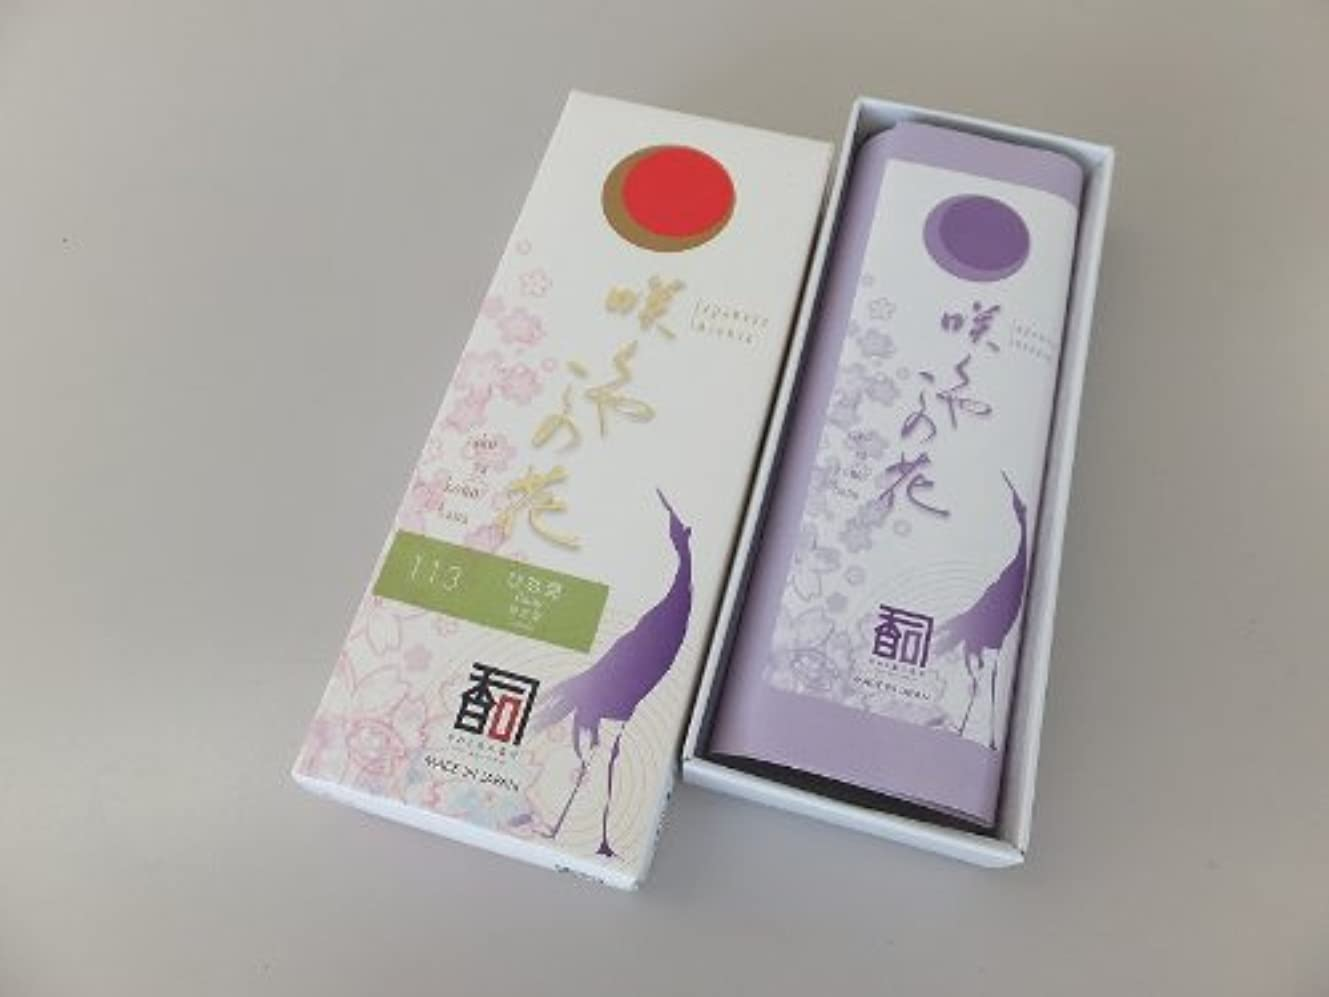 芝生一致する請求可能「あわじ島の香司」 日本の香りシリーズ  [咲くや この花] 【113】 ひな菊 (有煙)